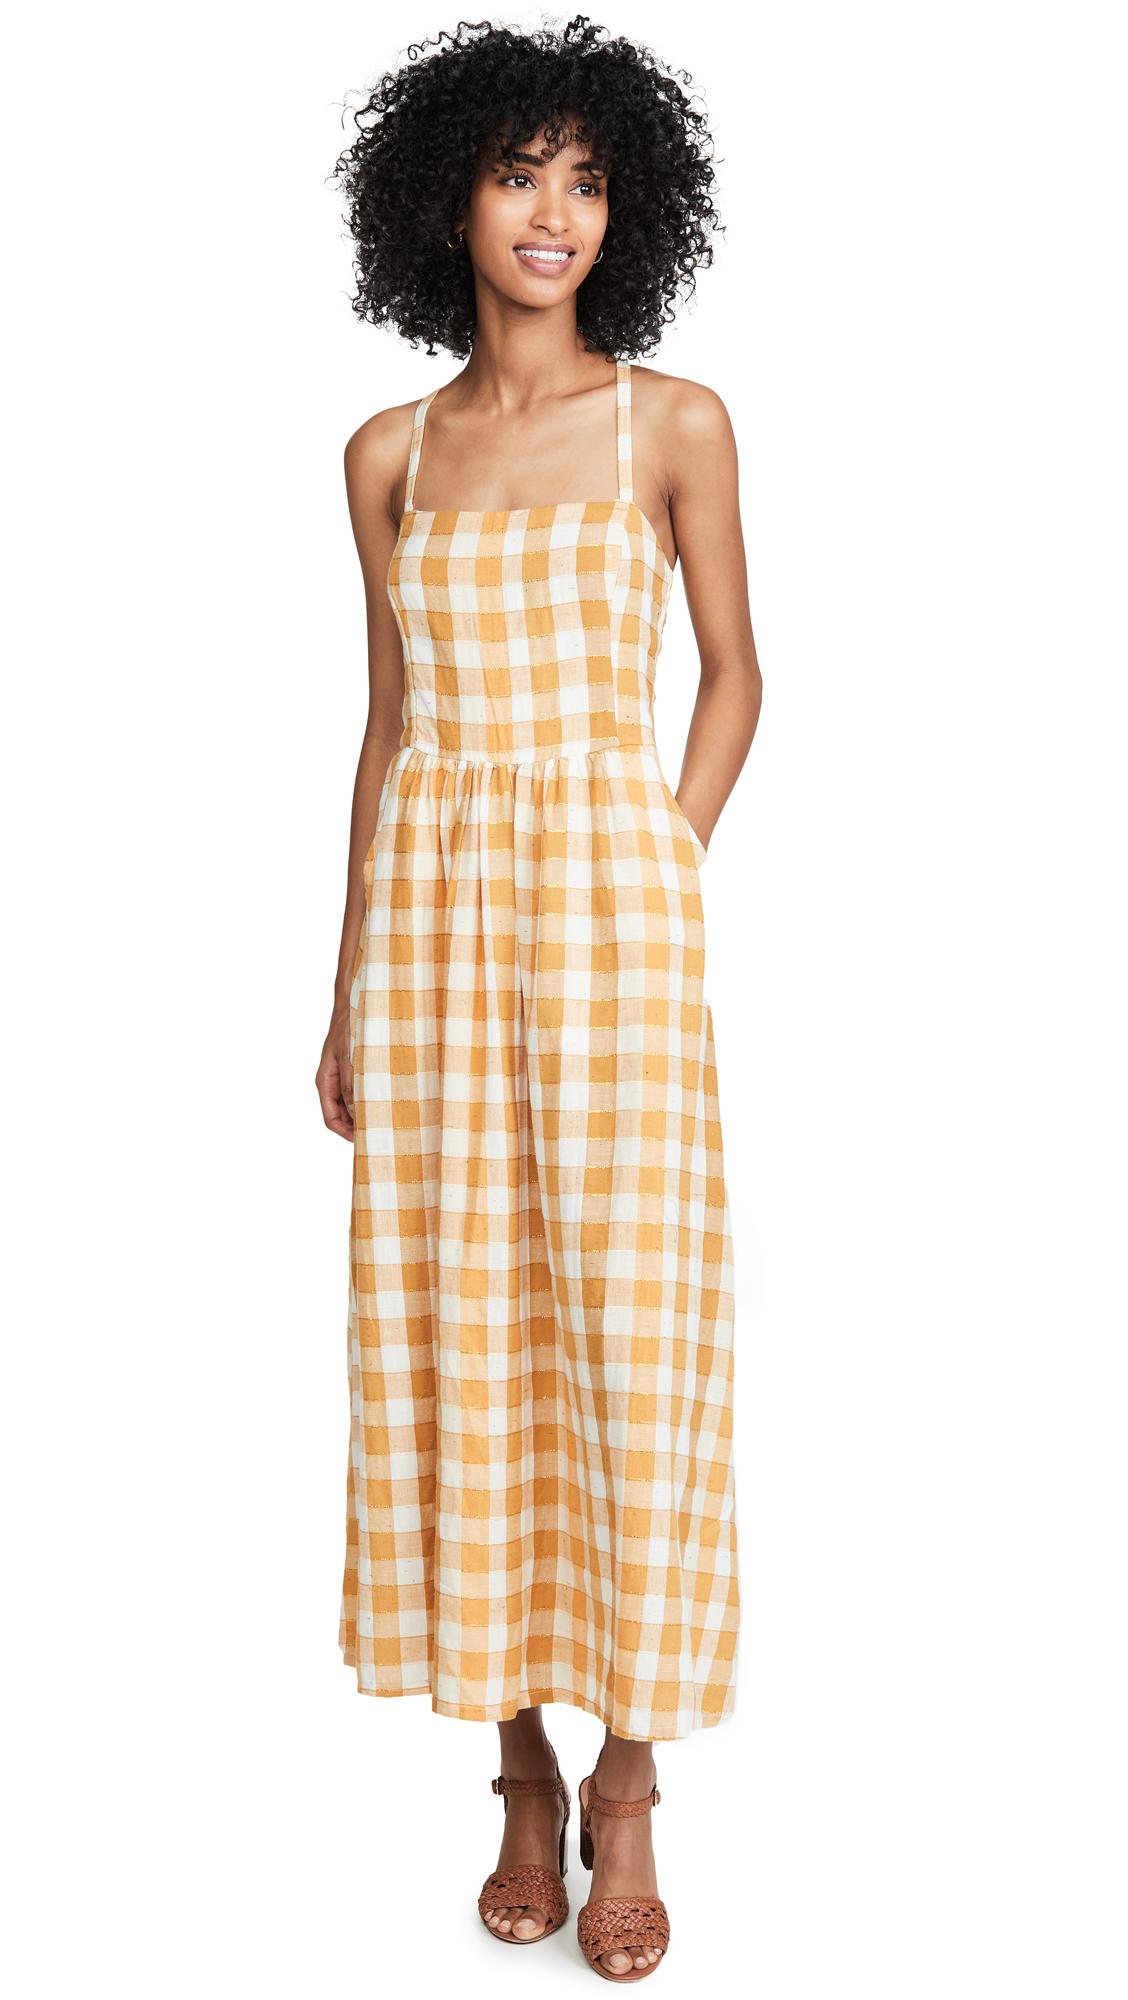 ace & jig Kennedy Dress - Fez